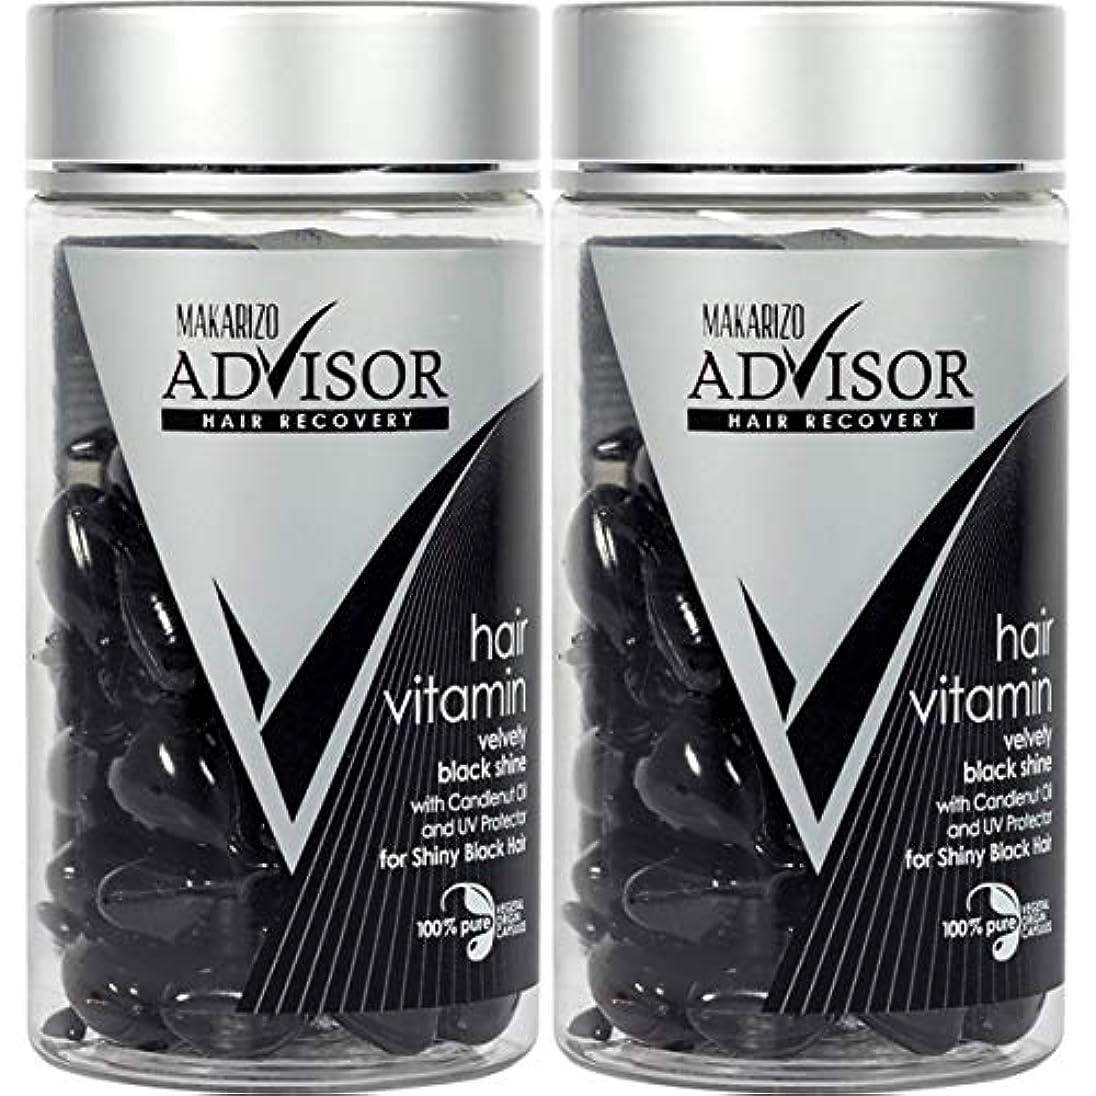 識字惑星再編成するMAKARIZO マカリゾ Advisor アドバイザー Hair Vitamin ヘアビタミン 50粒入ボトル×2個セット Velvety Black Shine ブラック [海外直送品]